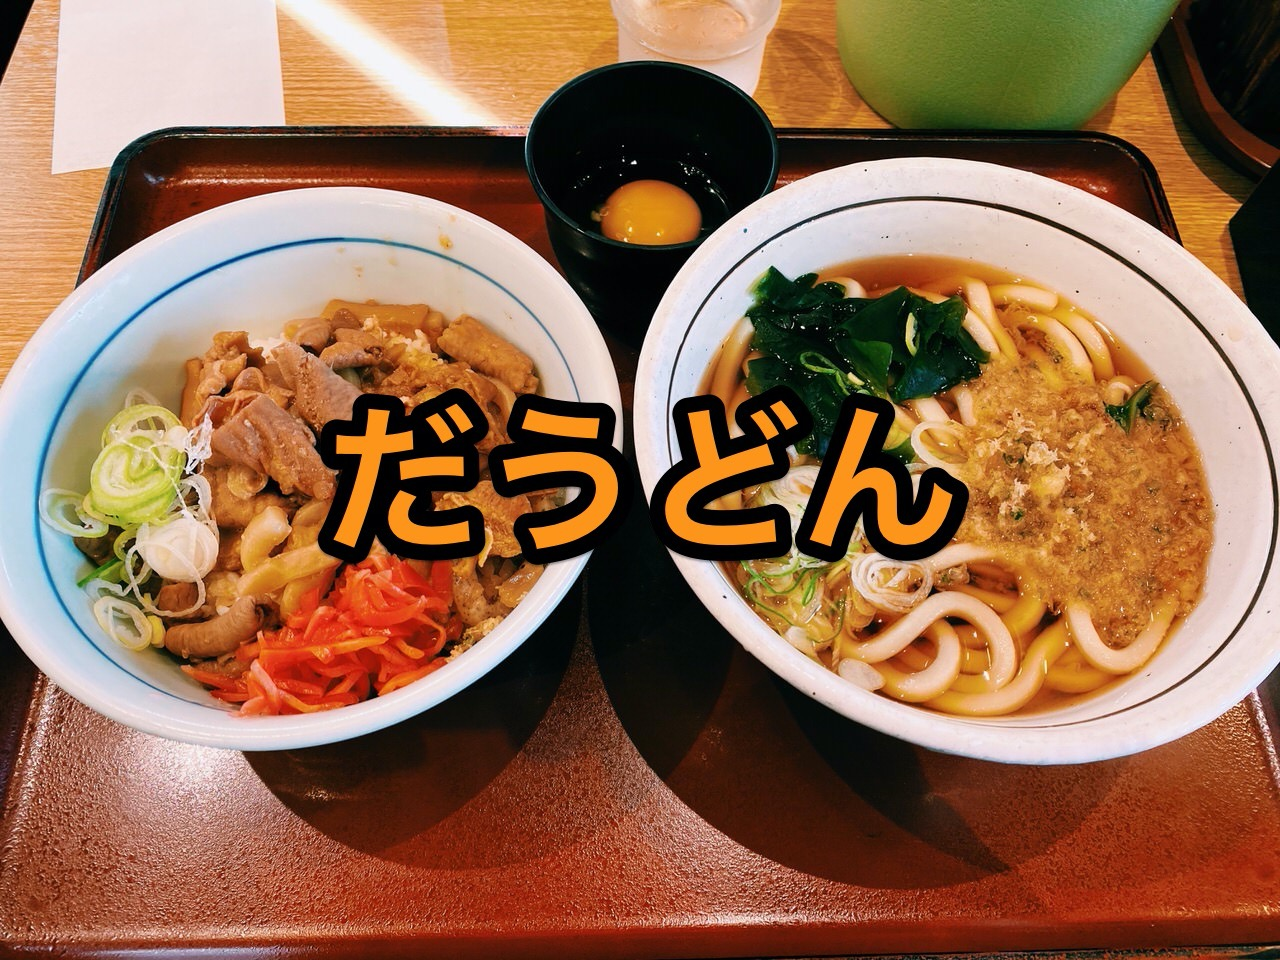 【山田うどん】「埼玉B級グルメ対決セット」スタカレー丼ではなくスタミナパンチ丼をチョイスだぜ!